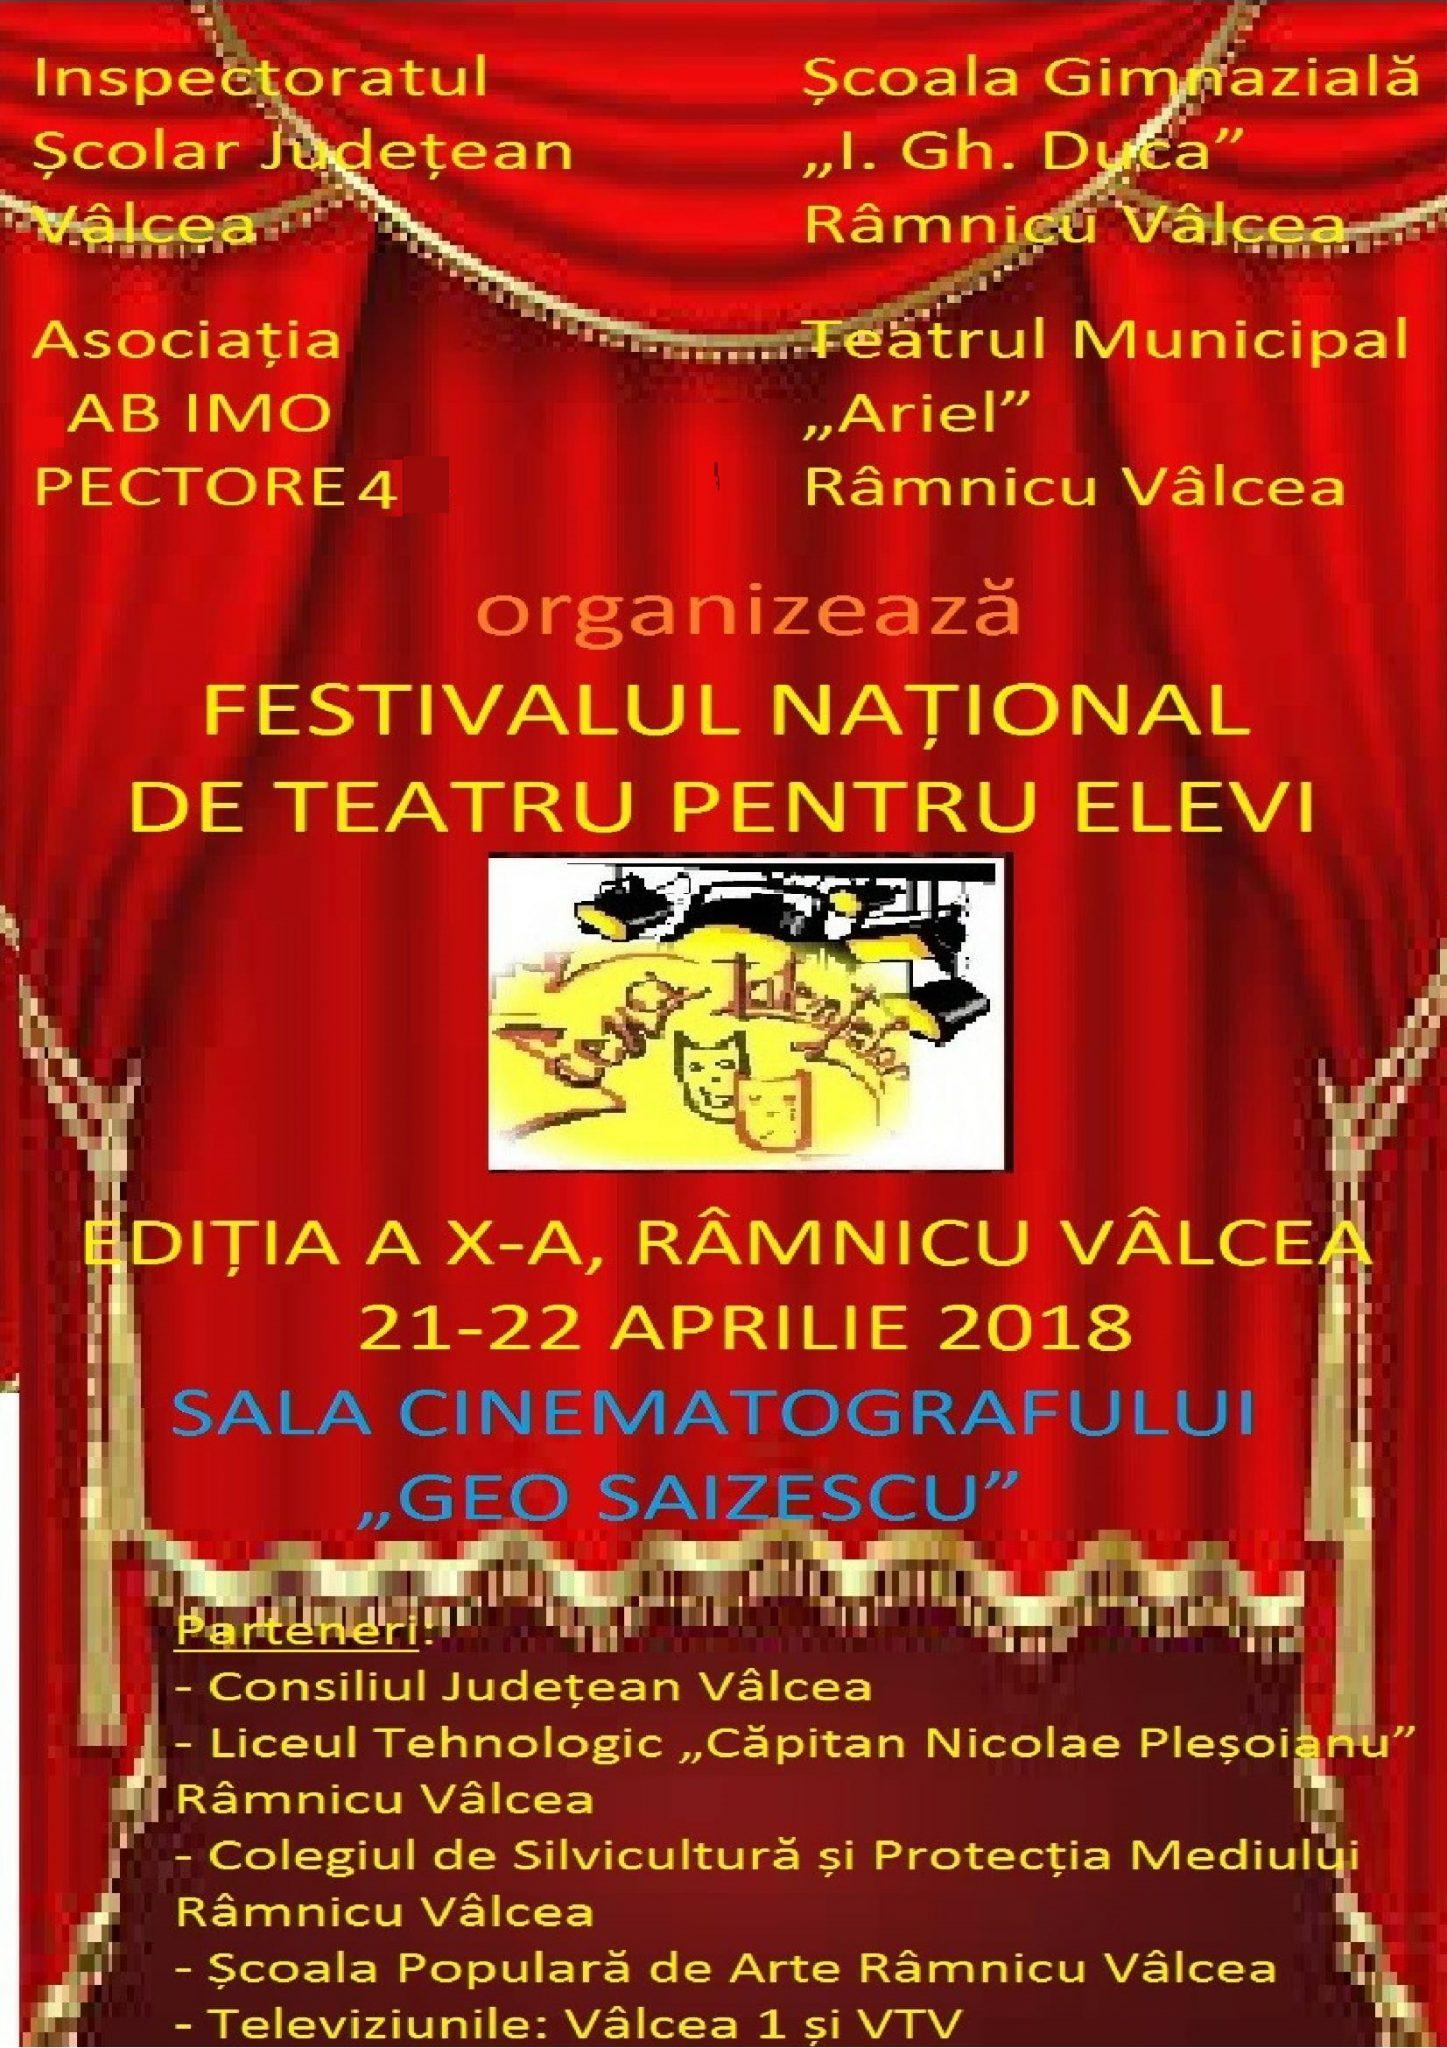 """Teatrul Municipal Ariel Râmnicu Vâlcea vă invită la Festivalul Național de Teatru pentru Elevi """"Scena Talentelor"""" și la comedia """"Piațeta ( Il Campiello)"""""""